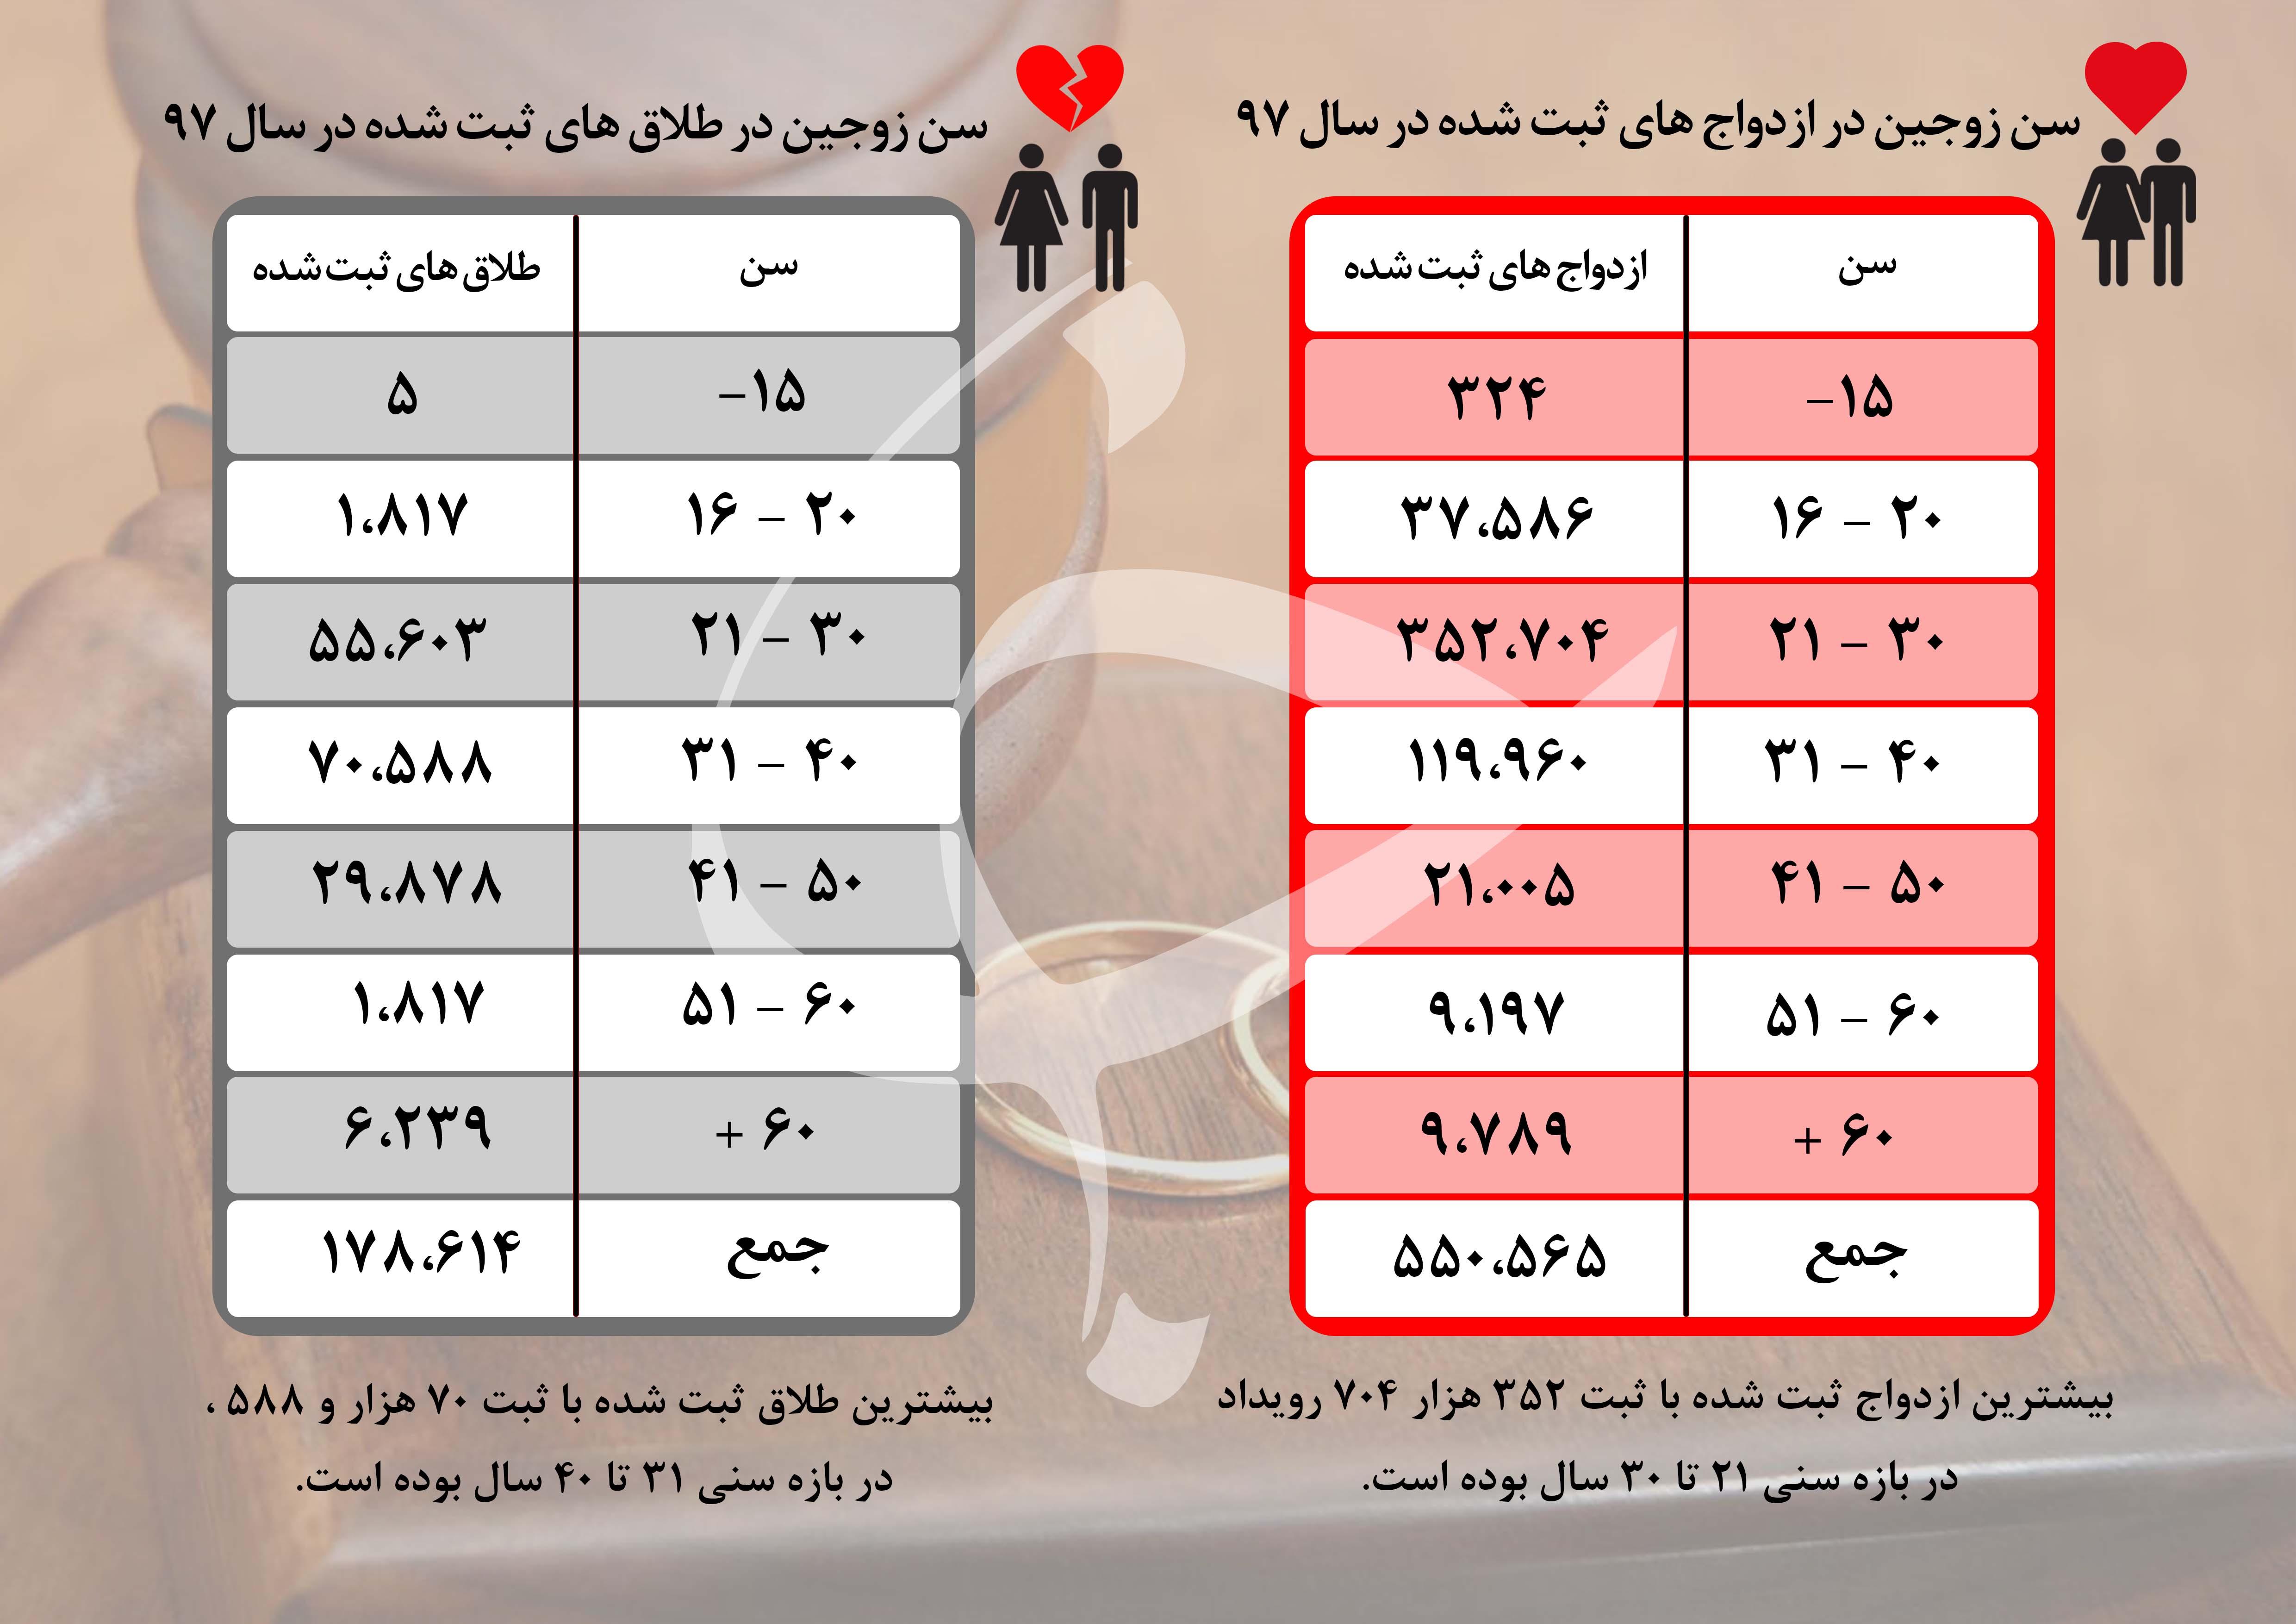 مردم ایران بیشتر در چه سنی ازدواج میکنند؟ / ۳۰ تا ۴۰ سالهها بیشتر طلاق میگیرند